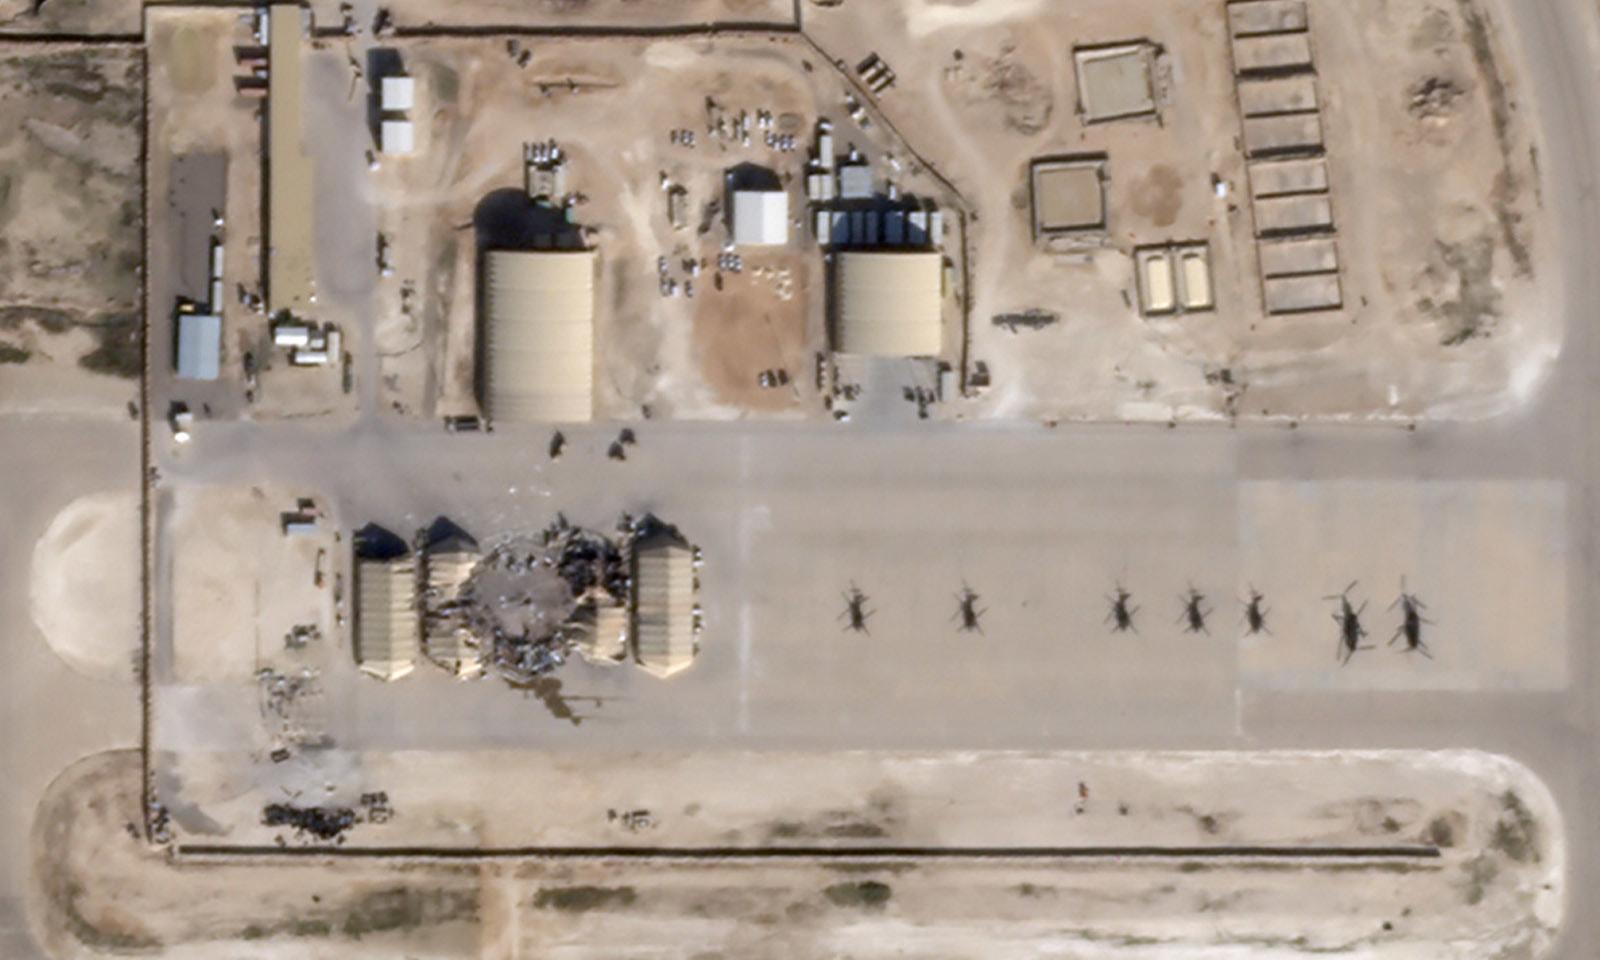 ایرانی حملے سے متاثر الاسد ایئر بیس کی ایک  سیٹلائٹ تصور جاری کی گئی—فوٹو: رائٹرز